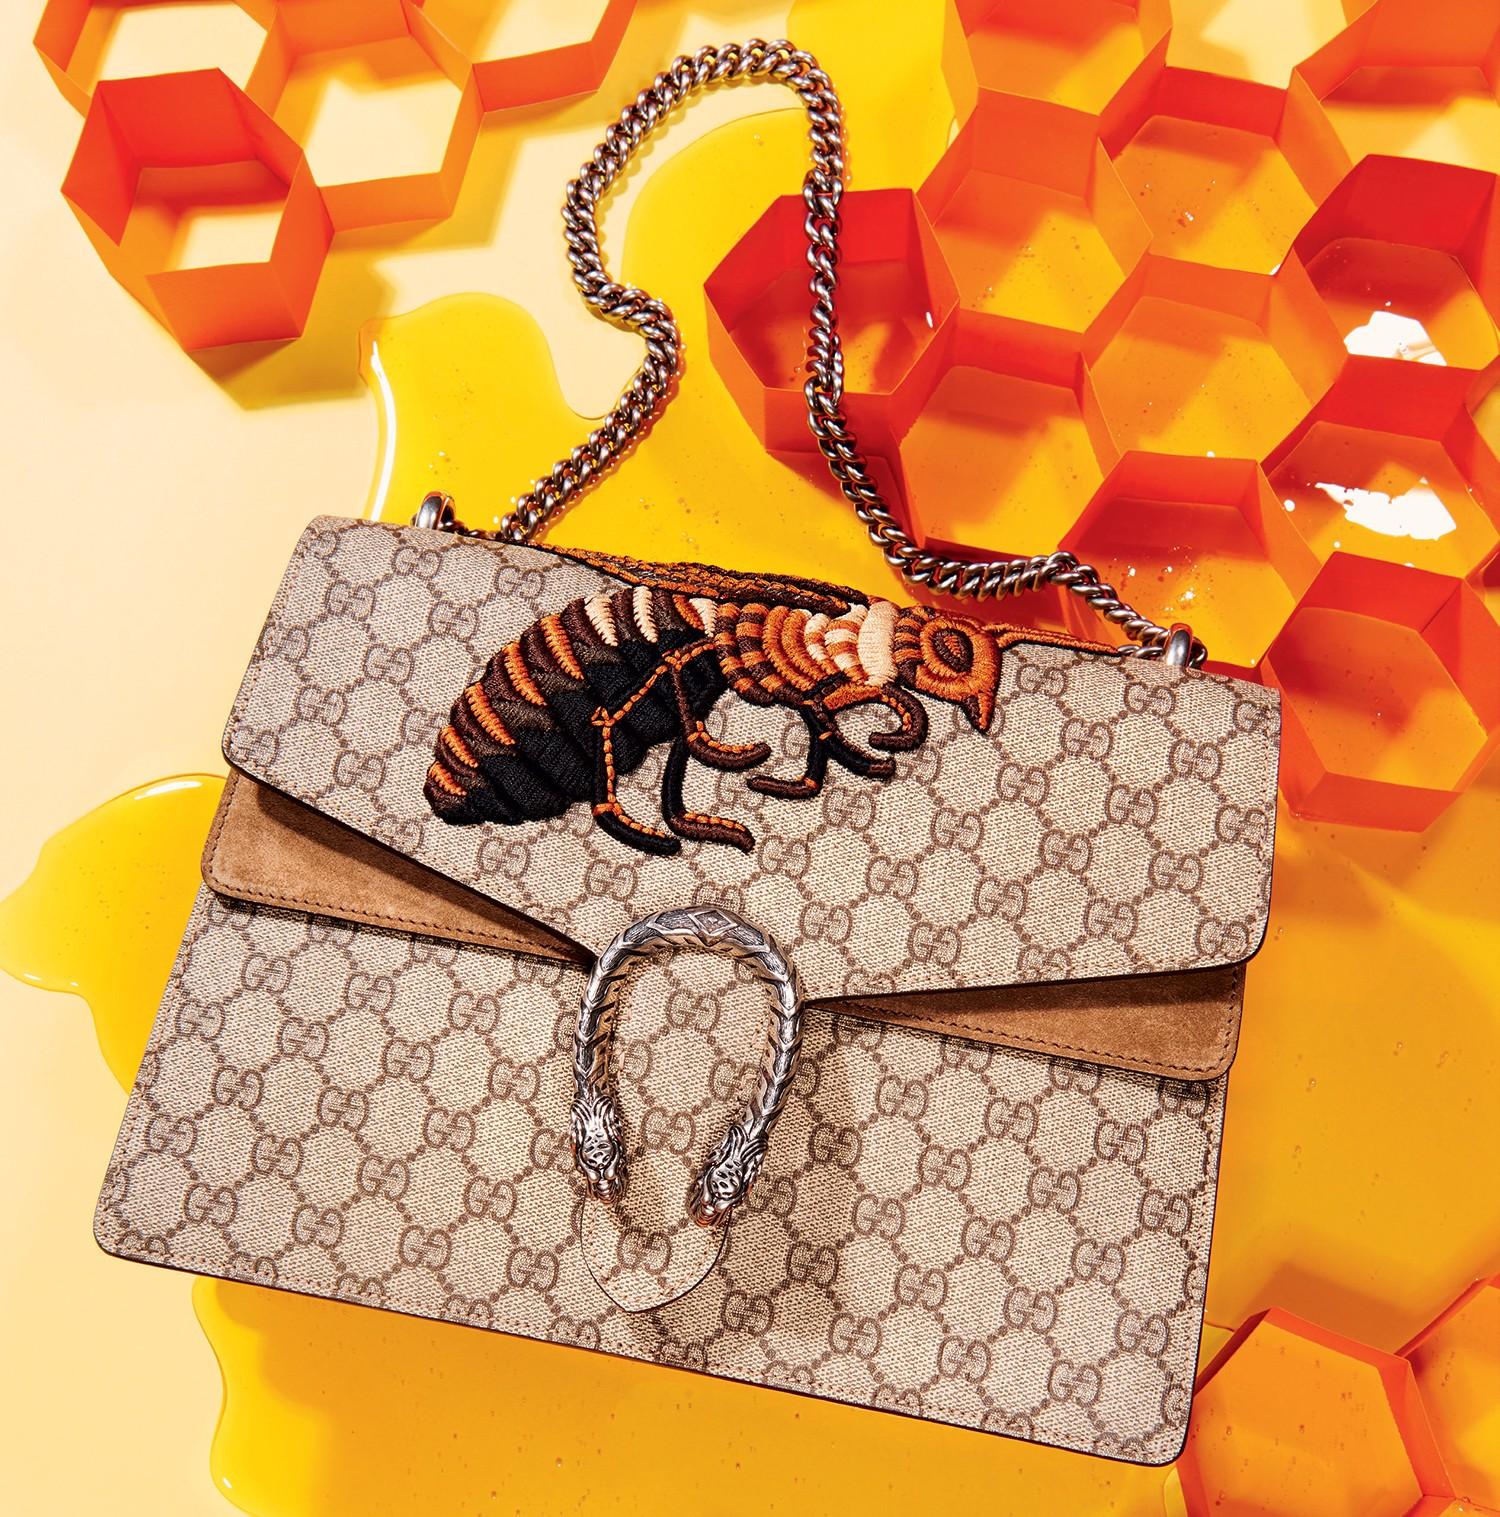 Gucci R$ 13.150 (Foto: Thiago Justo)